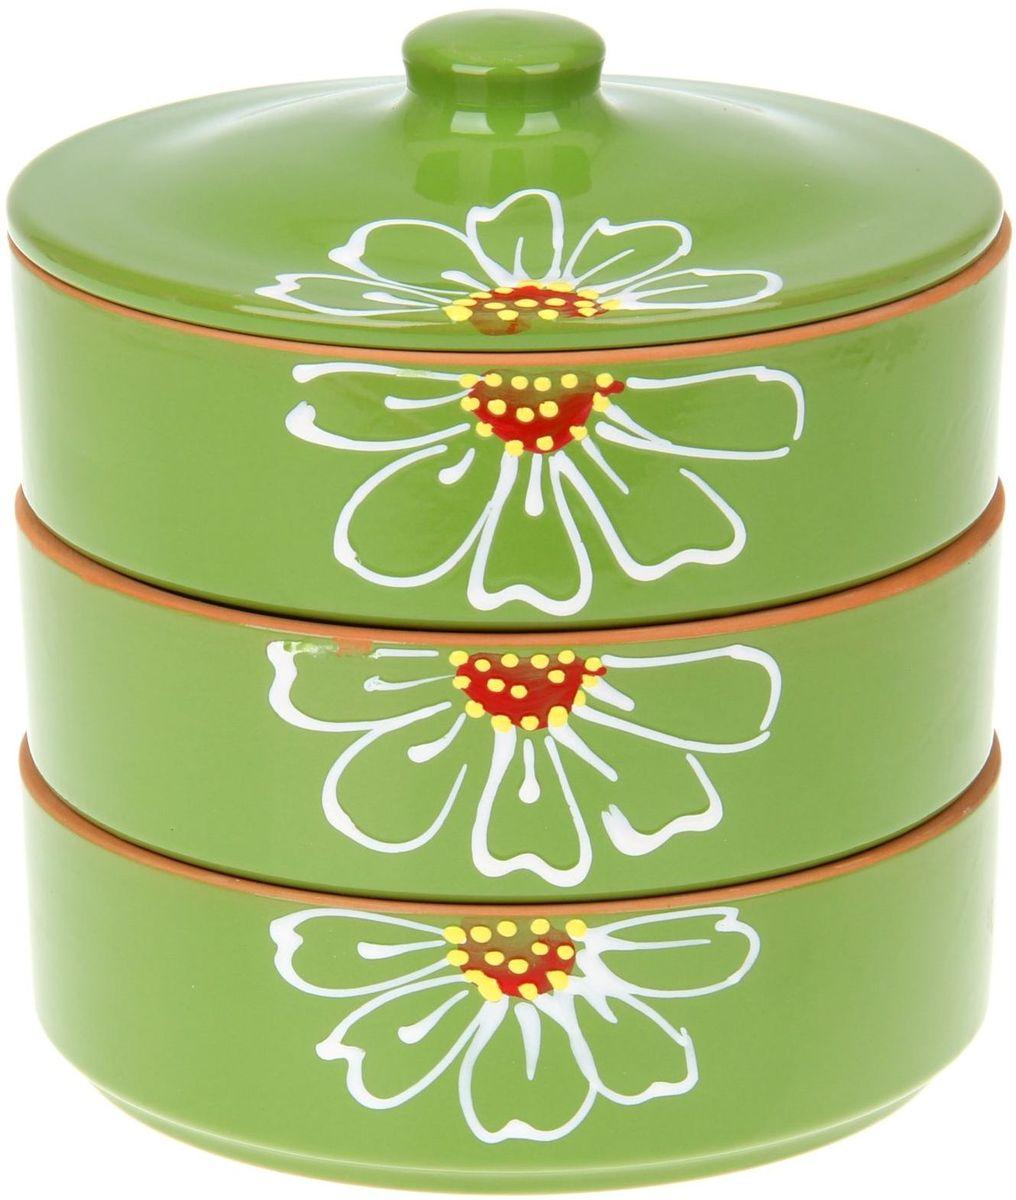 Набор блюд для холодца Псковский гончар Цветок, цвет: зеленый, 4 предметаЭ 10-8,9А ОРАНЖНабор для холодца Цветок 3 шт. (d=17,5 см, h=5,7 см) зелёный 0,7 л будет вашим универсальным помощником! Он удобен не только для хранения холодца, но и для салатов, а также различных закусок. Набор предотвращает заветривание и сохраняет привлекательный внешний вид блюда. Вы сможете готовить непосредственно в нём: специальная керамика подходит для использования в микроволновой печи, в духовом шкафу, русской печи или на гриле.Утолщённые стенки дольше сохраняют тепло, поэтому можно не волноваться, что блюдо быстро остынет. Благодаря специальной конструкции предметы из набора можно устойчиво размещать друг на друге, что значительно сэкономит место в шкафу или холодильнике.Приятная расцветка и аккуратный рисунок будут радовать глаз при каждом использовании. Благодаря структуре глины любое блюдо, приготовленное при помощи посуды от «Псковского гончара», будет максимально вкусным и сохранит все свои полезные качества.